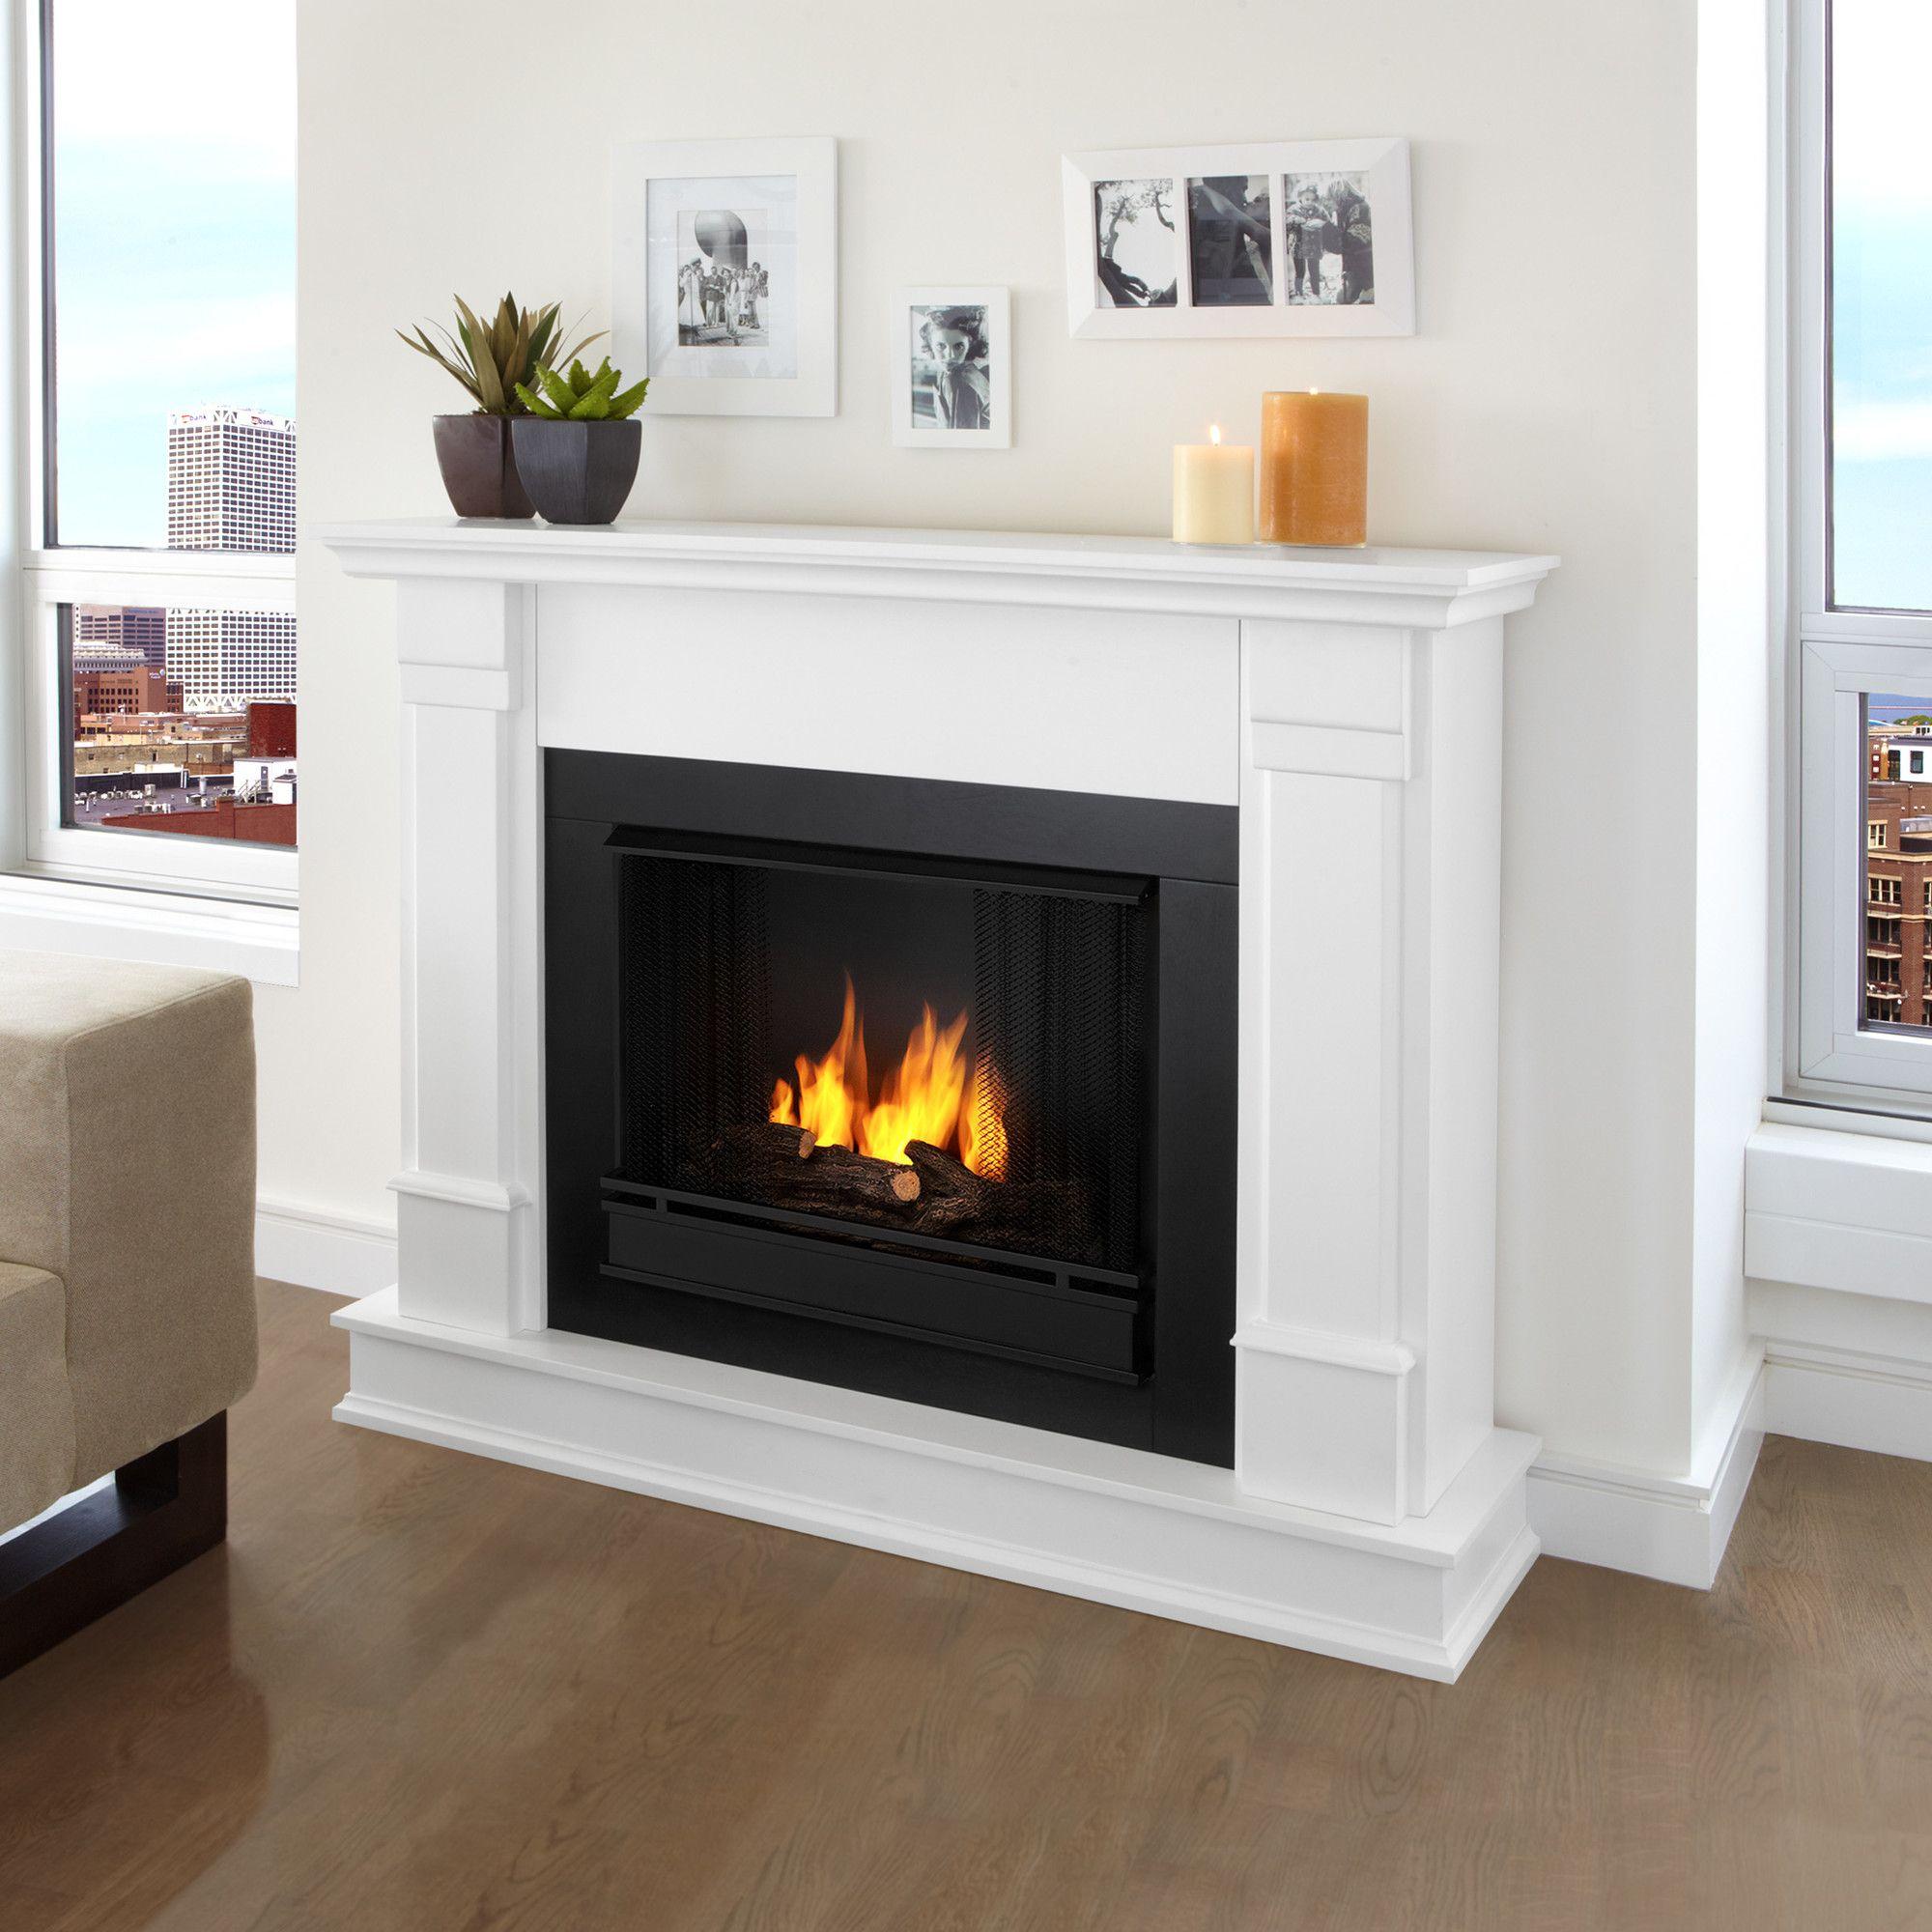 Silverton Electric Fireplace Home Elektrischer Kamin Ethanol Kamin Künstlicher Kamin